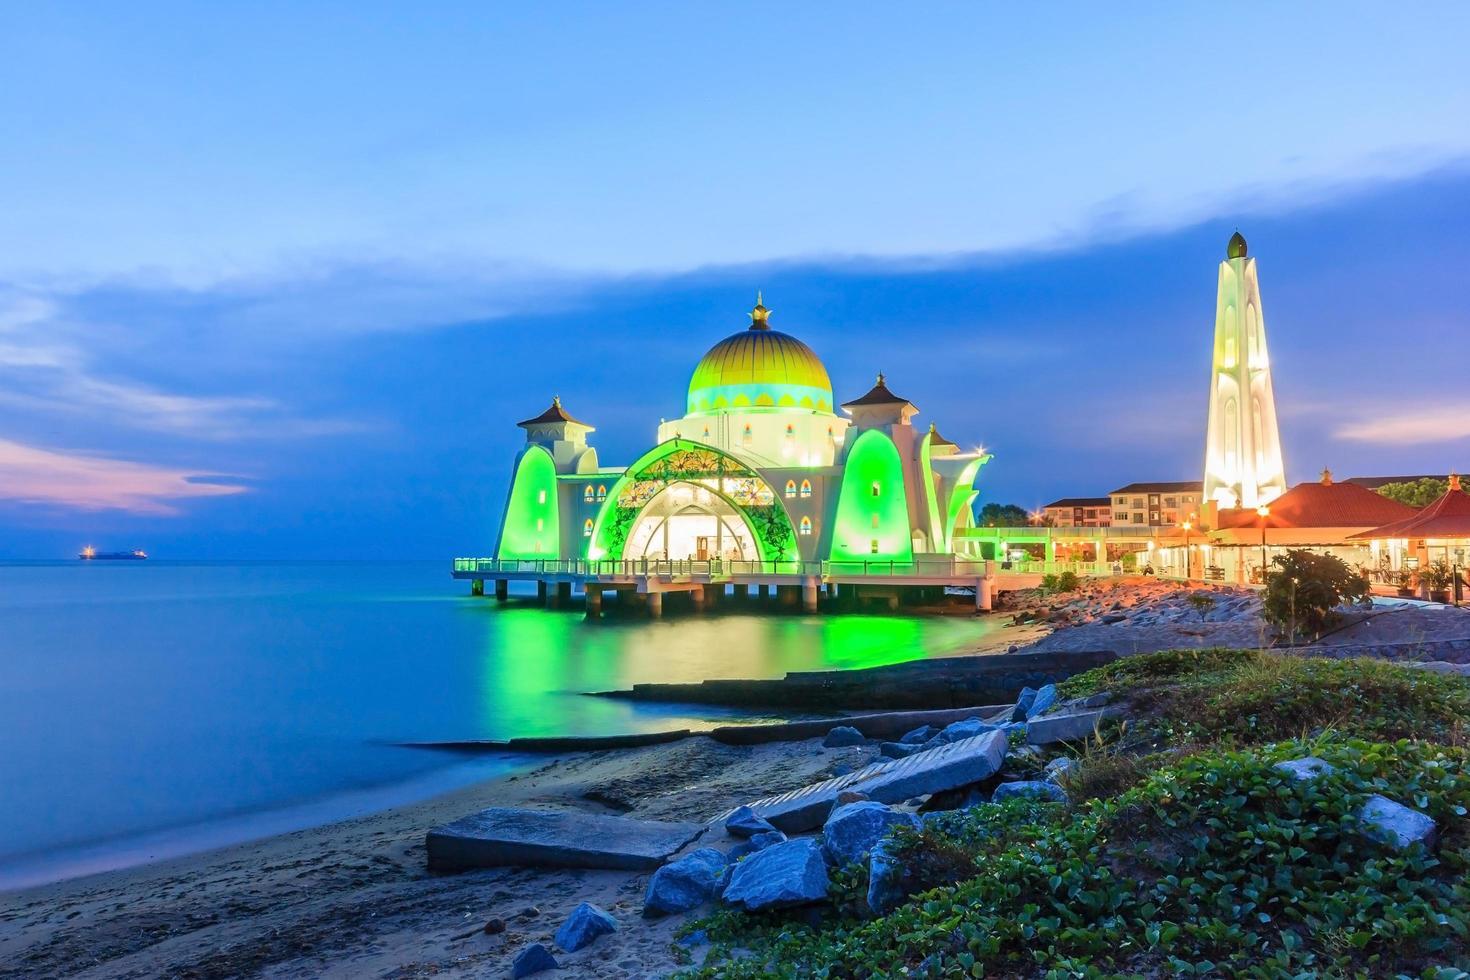 Malaca, Malasia 2016 - mezquita del estrecho de Melaka en Malaca tomadas durante la puesta de sol foto